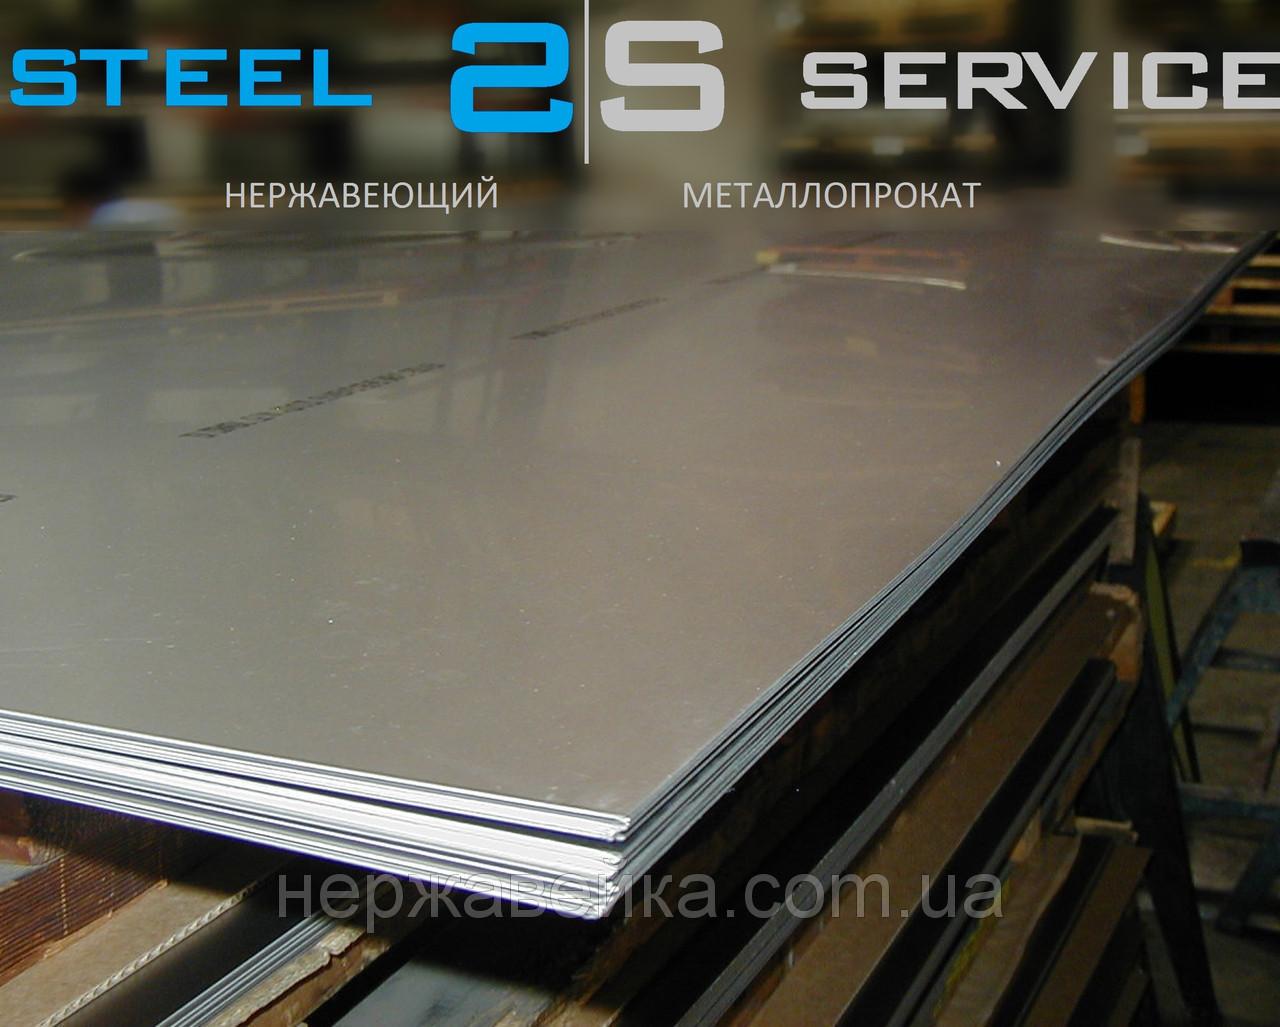 Нержавейка лист 0,4х1000х2000мм AISI 430(12Х17) 4N - шлифованный, технический